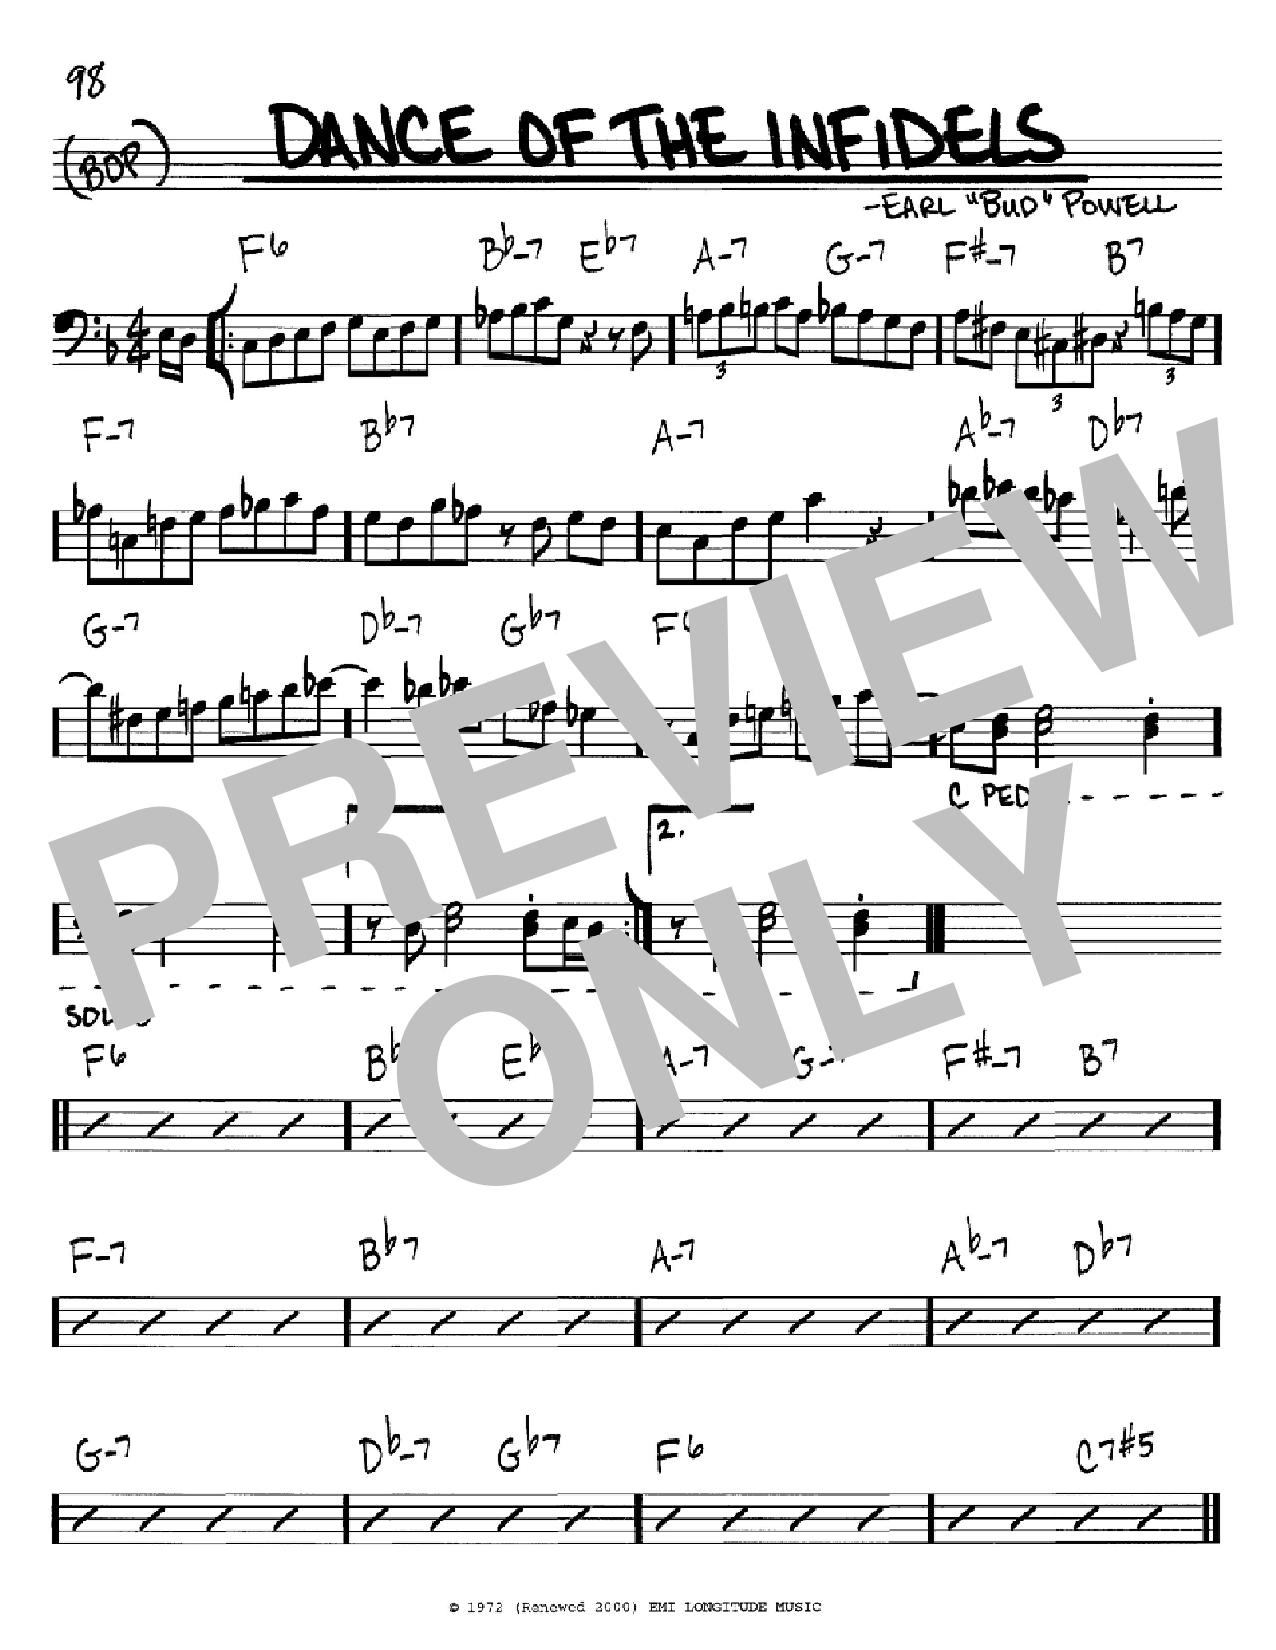 Partition autre Dance Of The Infidels de Bud Powell - Real Book, Melodie et Accords, Inst. En cle de Fa